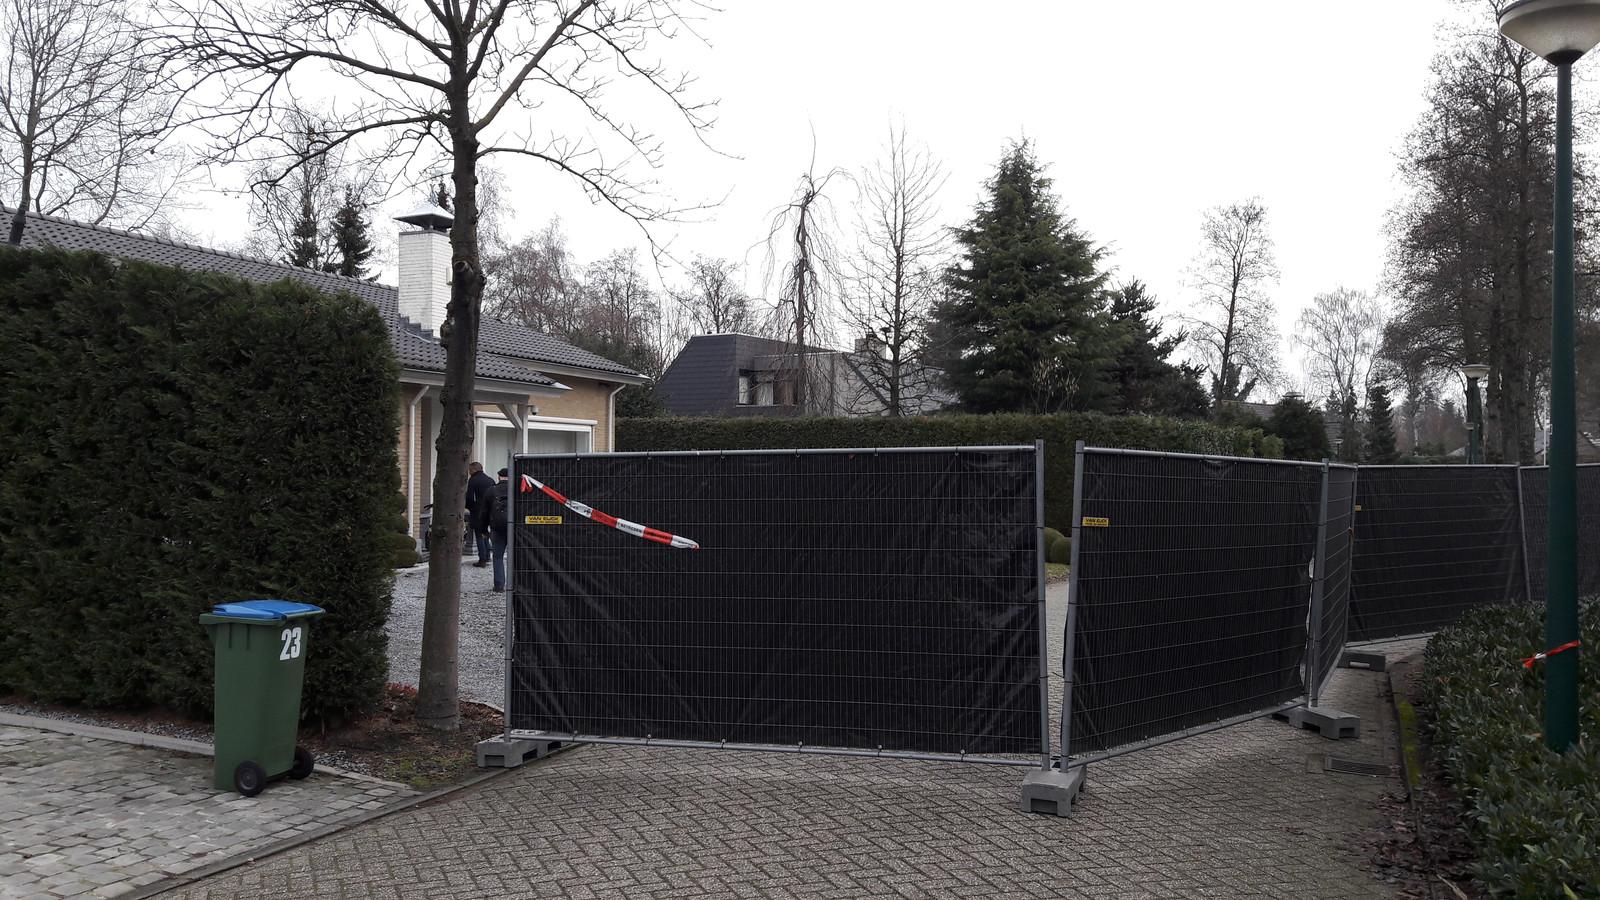 Woning waar de verdachte is aangehouden is afgezet met hekken.